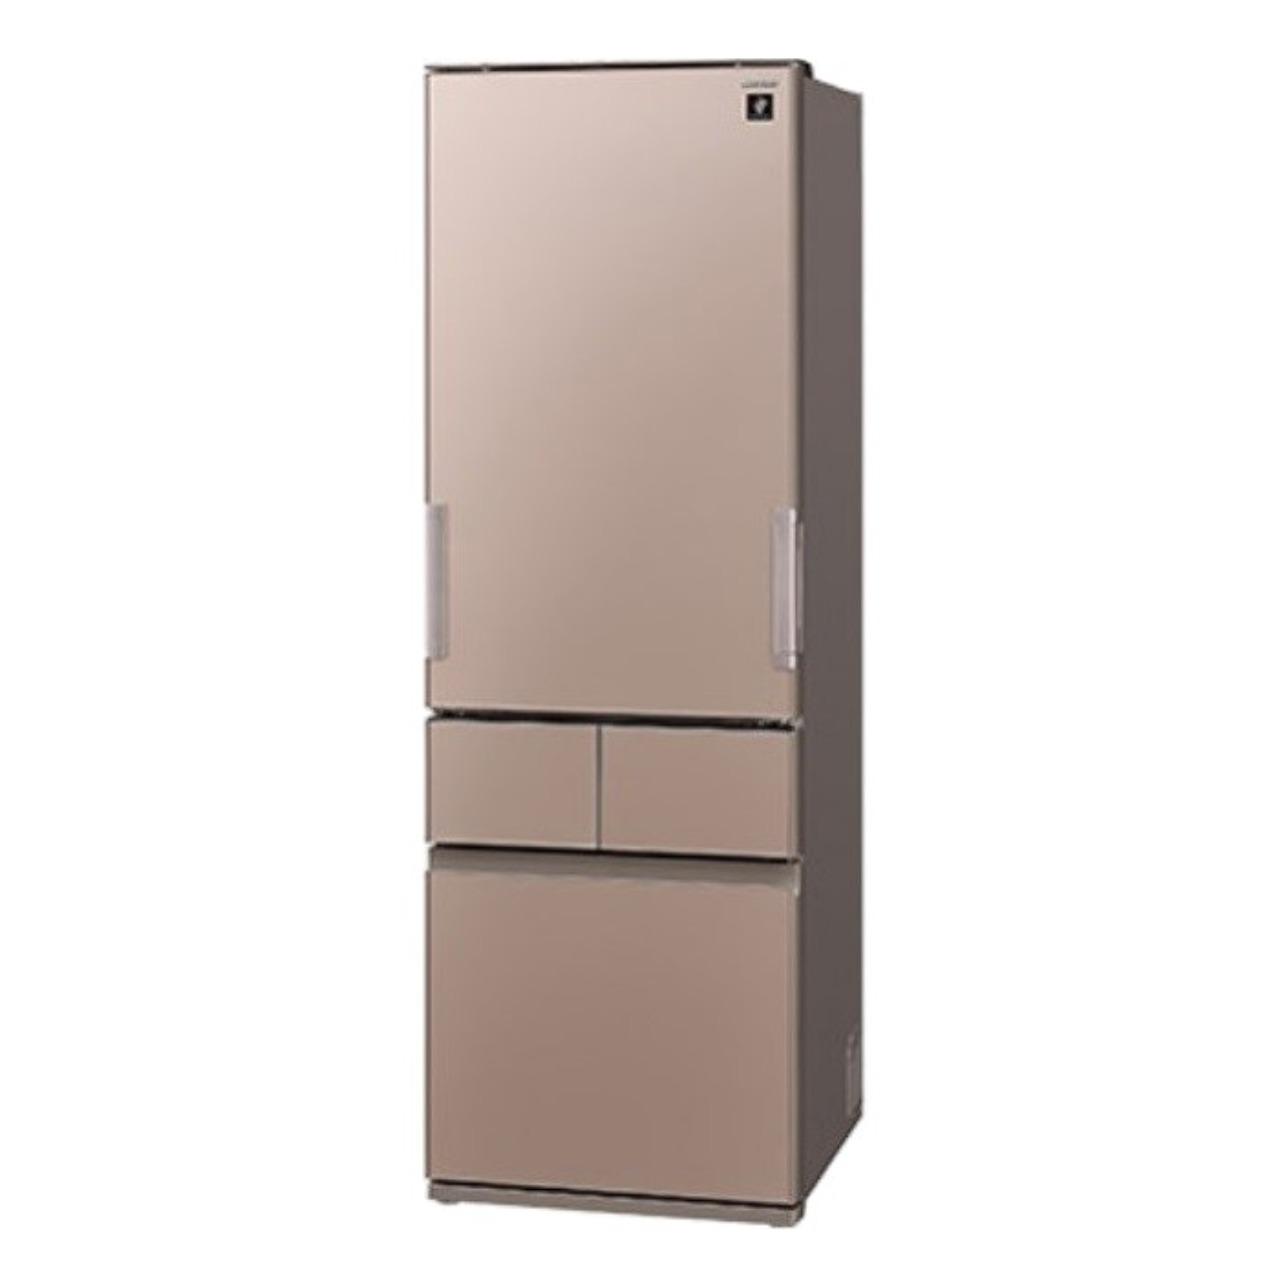 シャープSJ-GT42C冷蔵庫